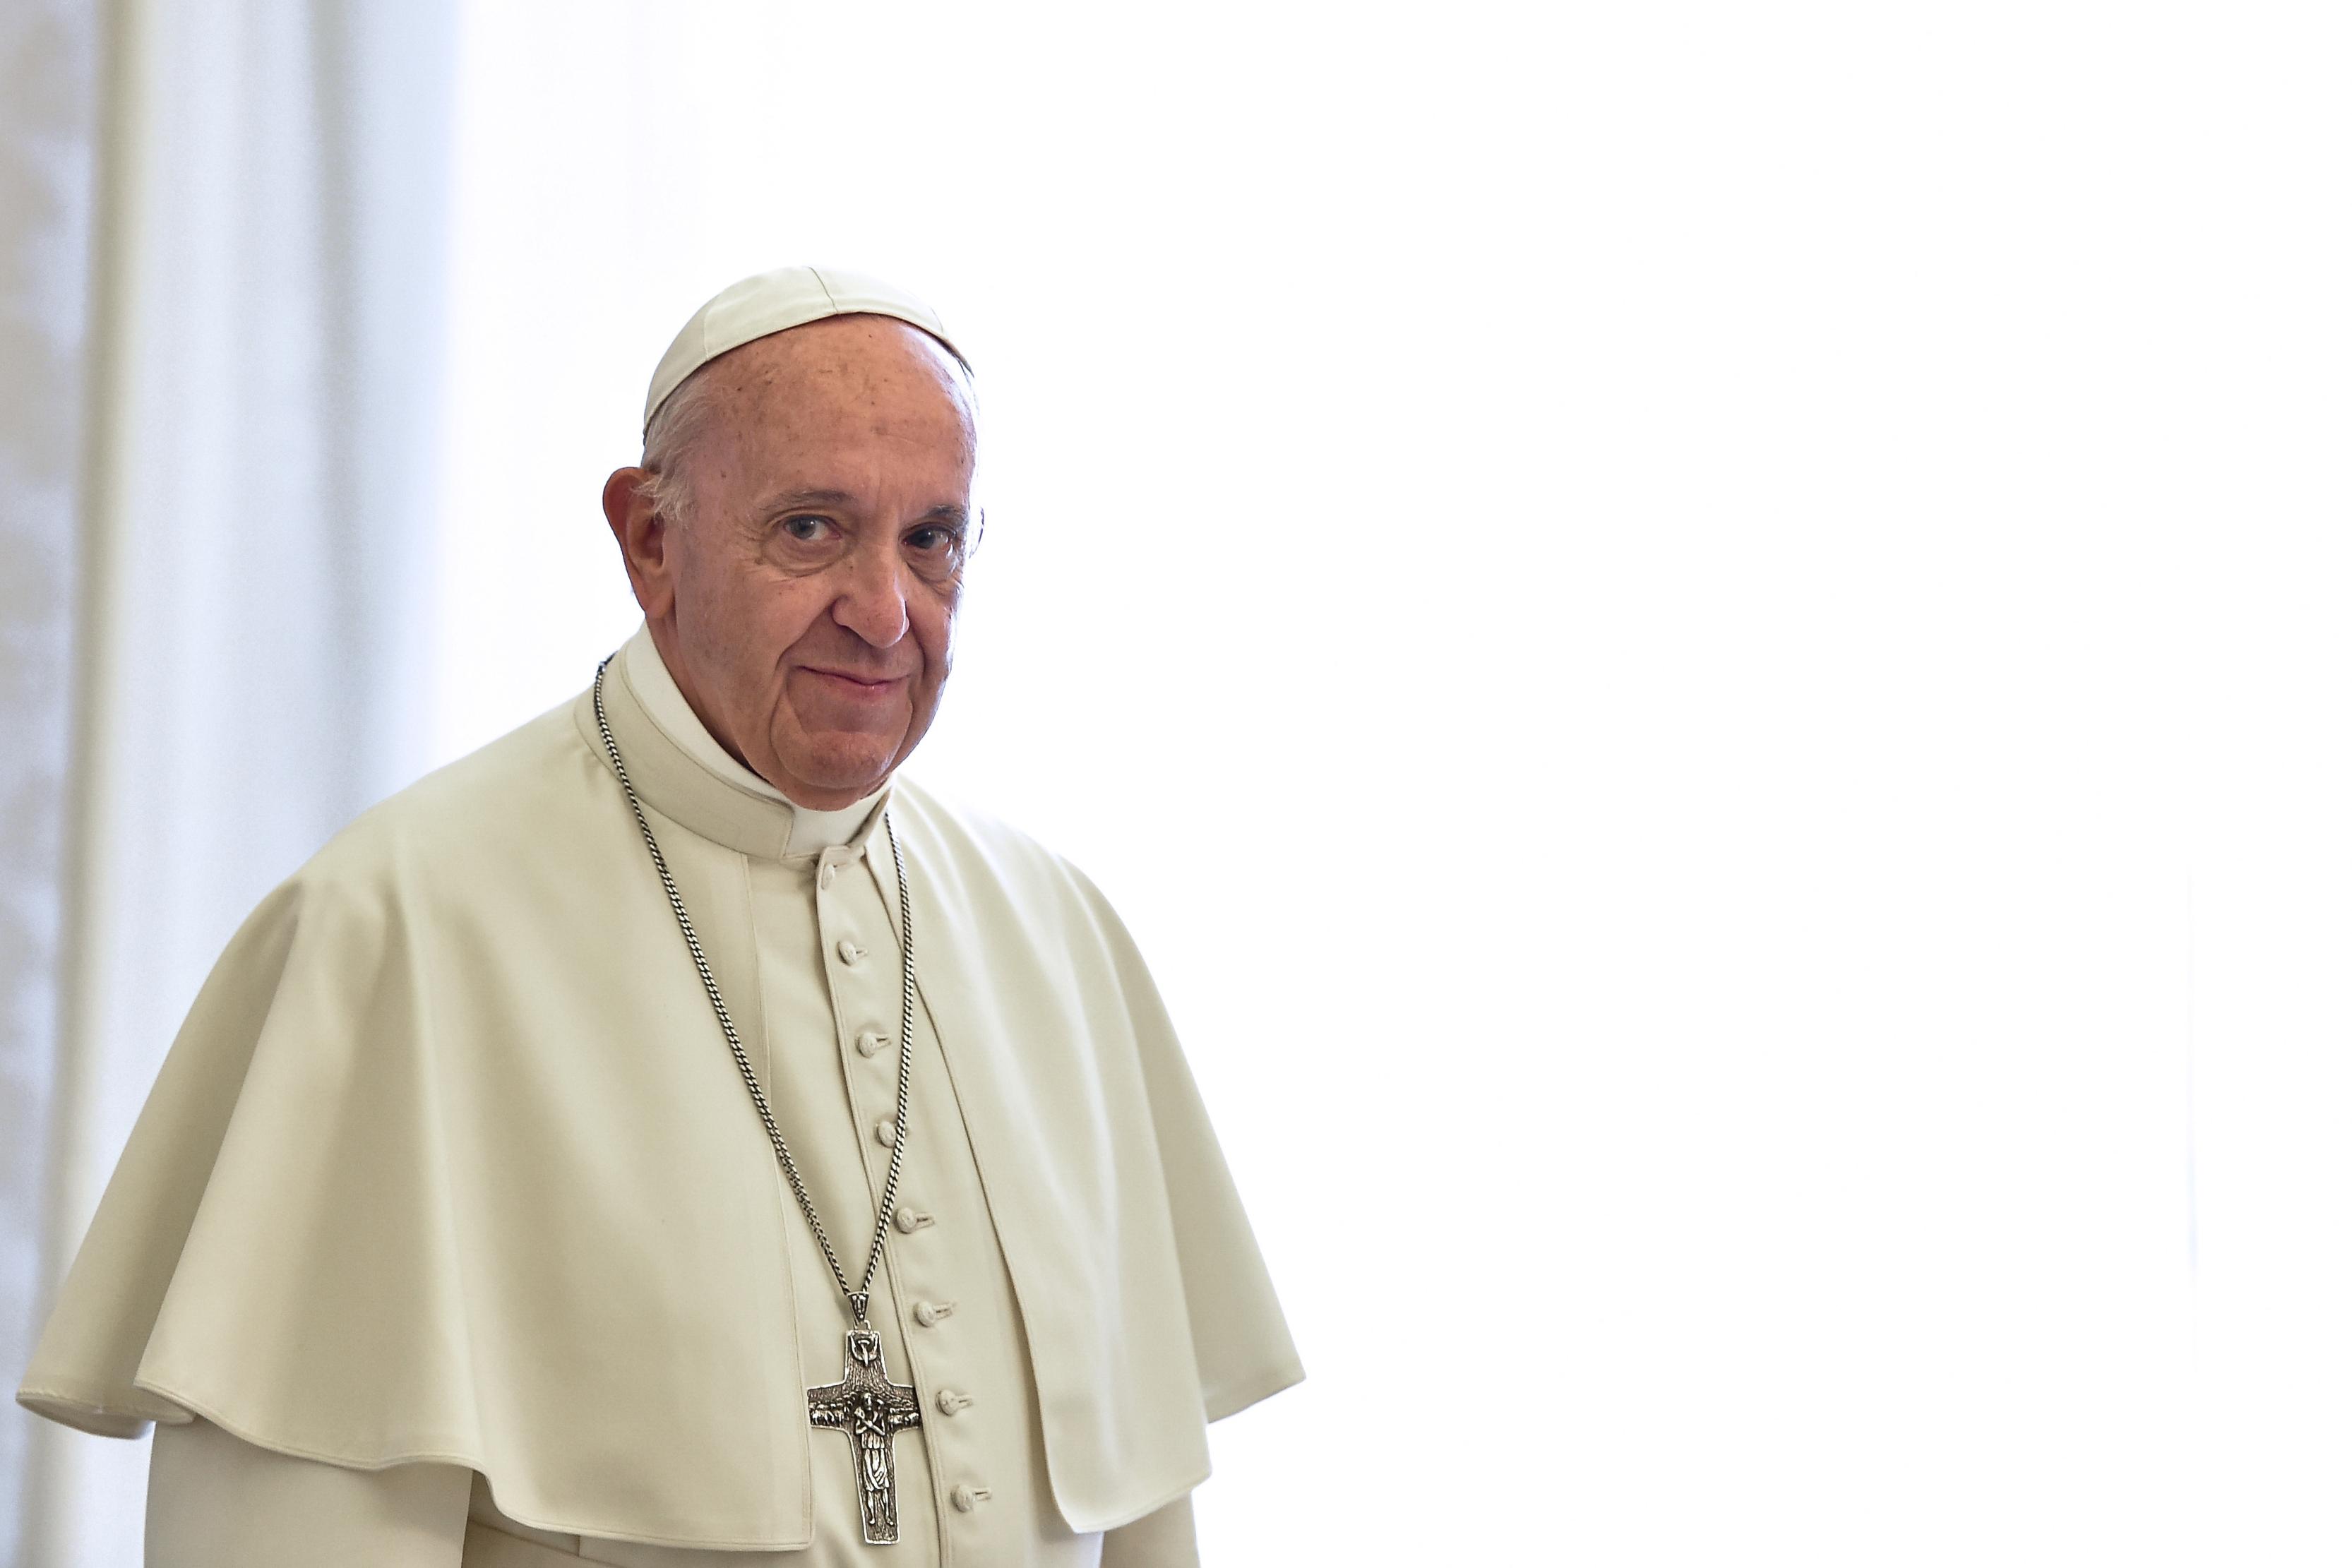 Sacerdote polaco quiere que Francisco muera pronto por aceptar refugiados musulmanes